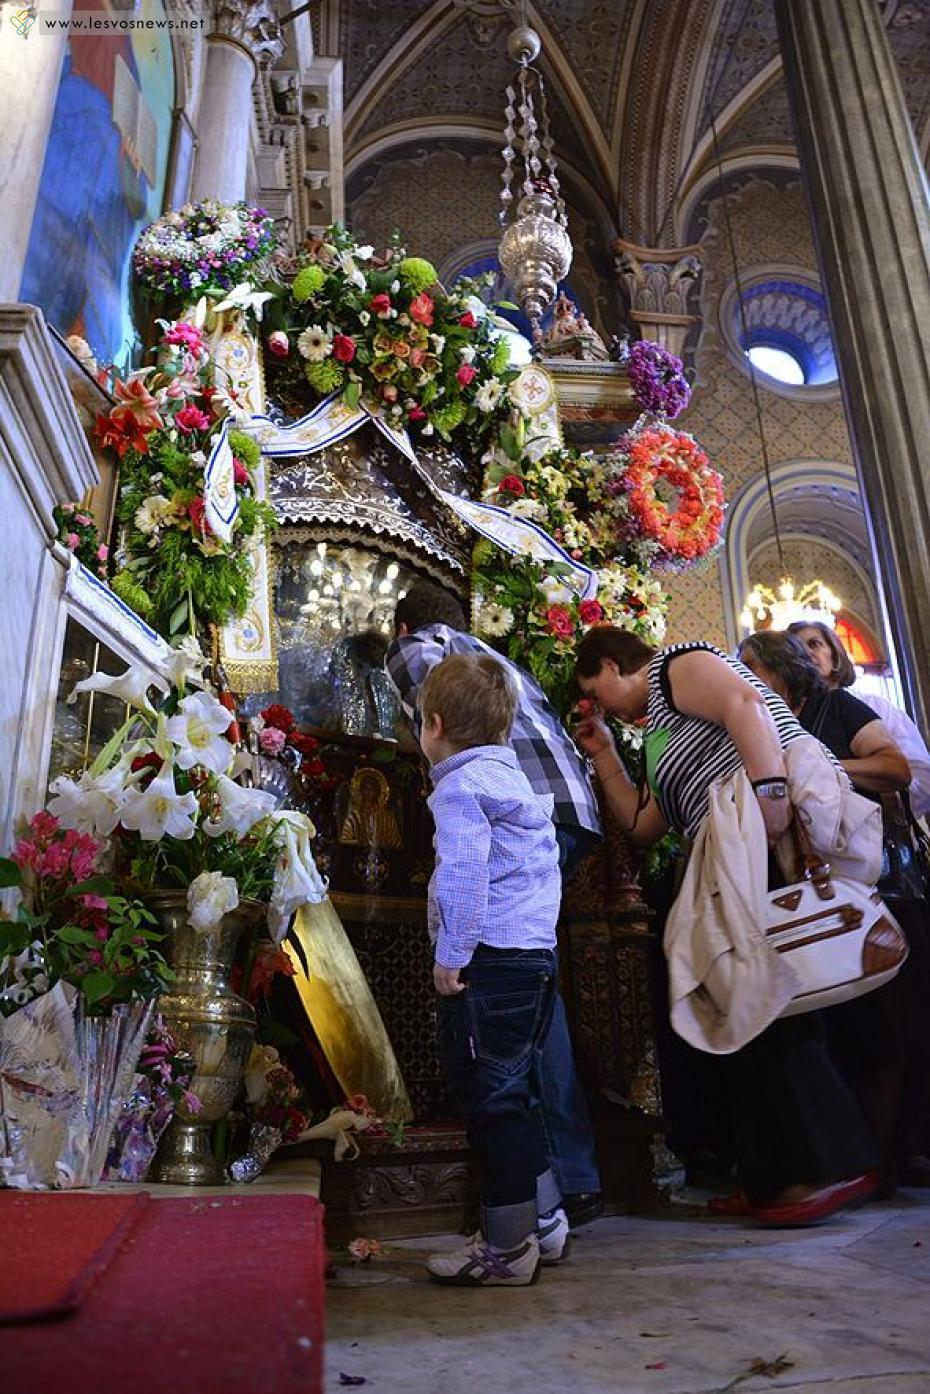 Σήμερα 16 Μαΐου, Κυριακή των Μυροφόρων γιορτάζει ο Ταξιάρχης Μανταμάδου Λέσβου | orthodoxia.online | ταξιαρχησ μανταμαδου | 16 Μαΐου | Ορθοδοξία | orthodoxia.online